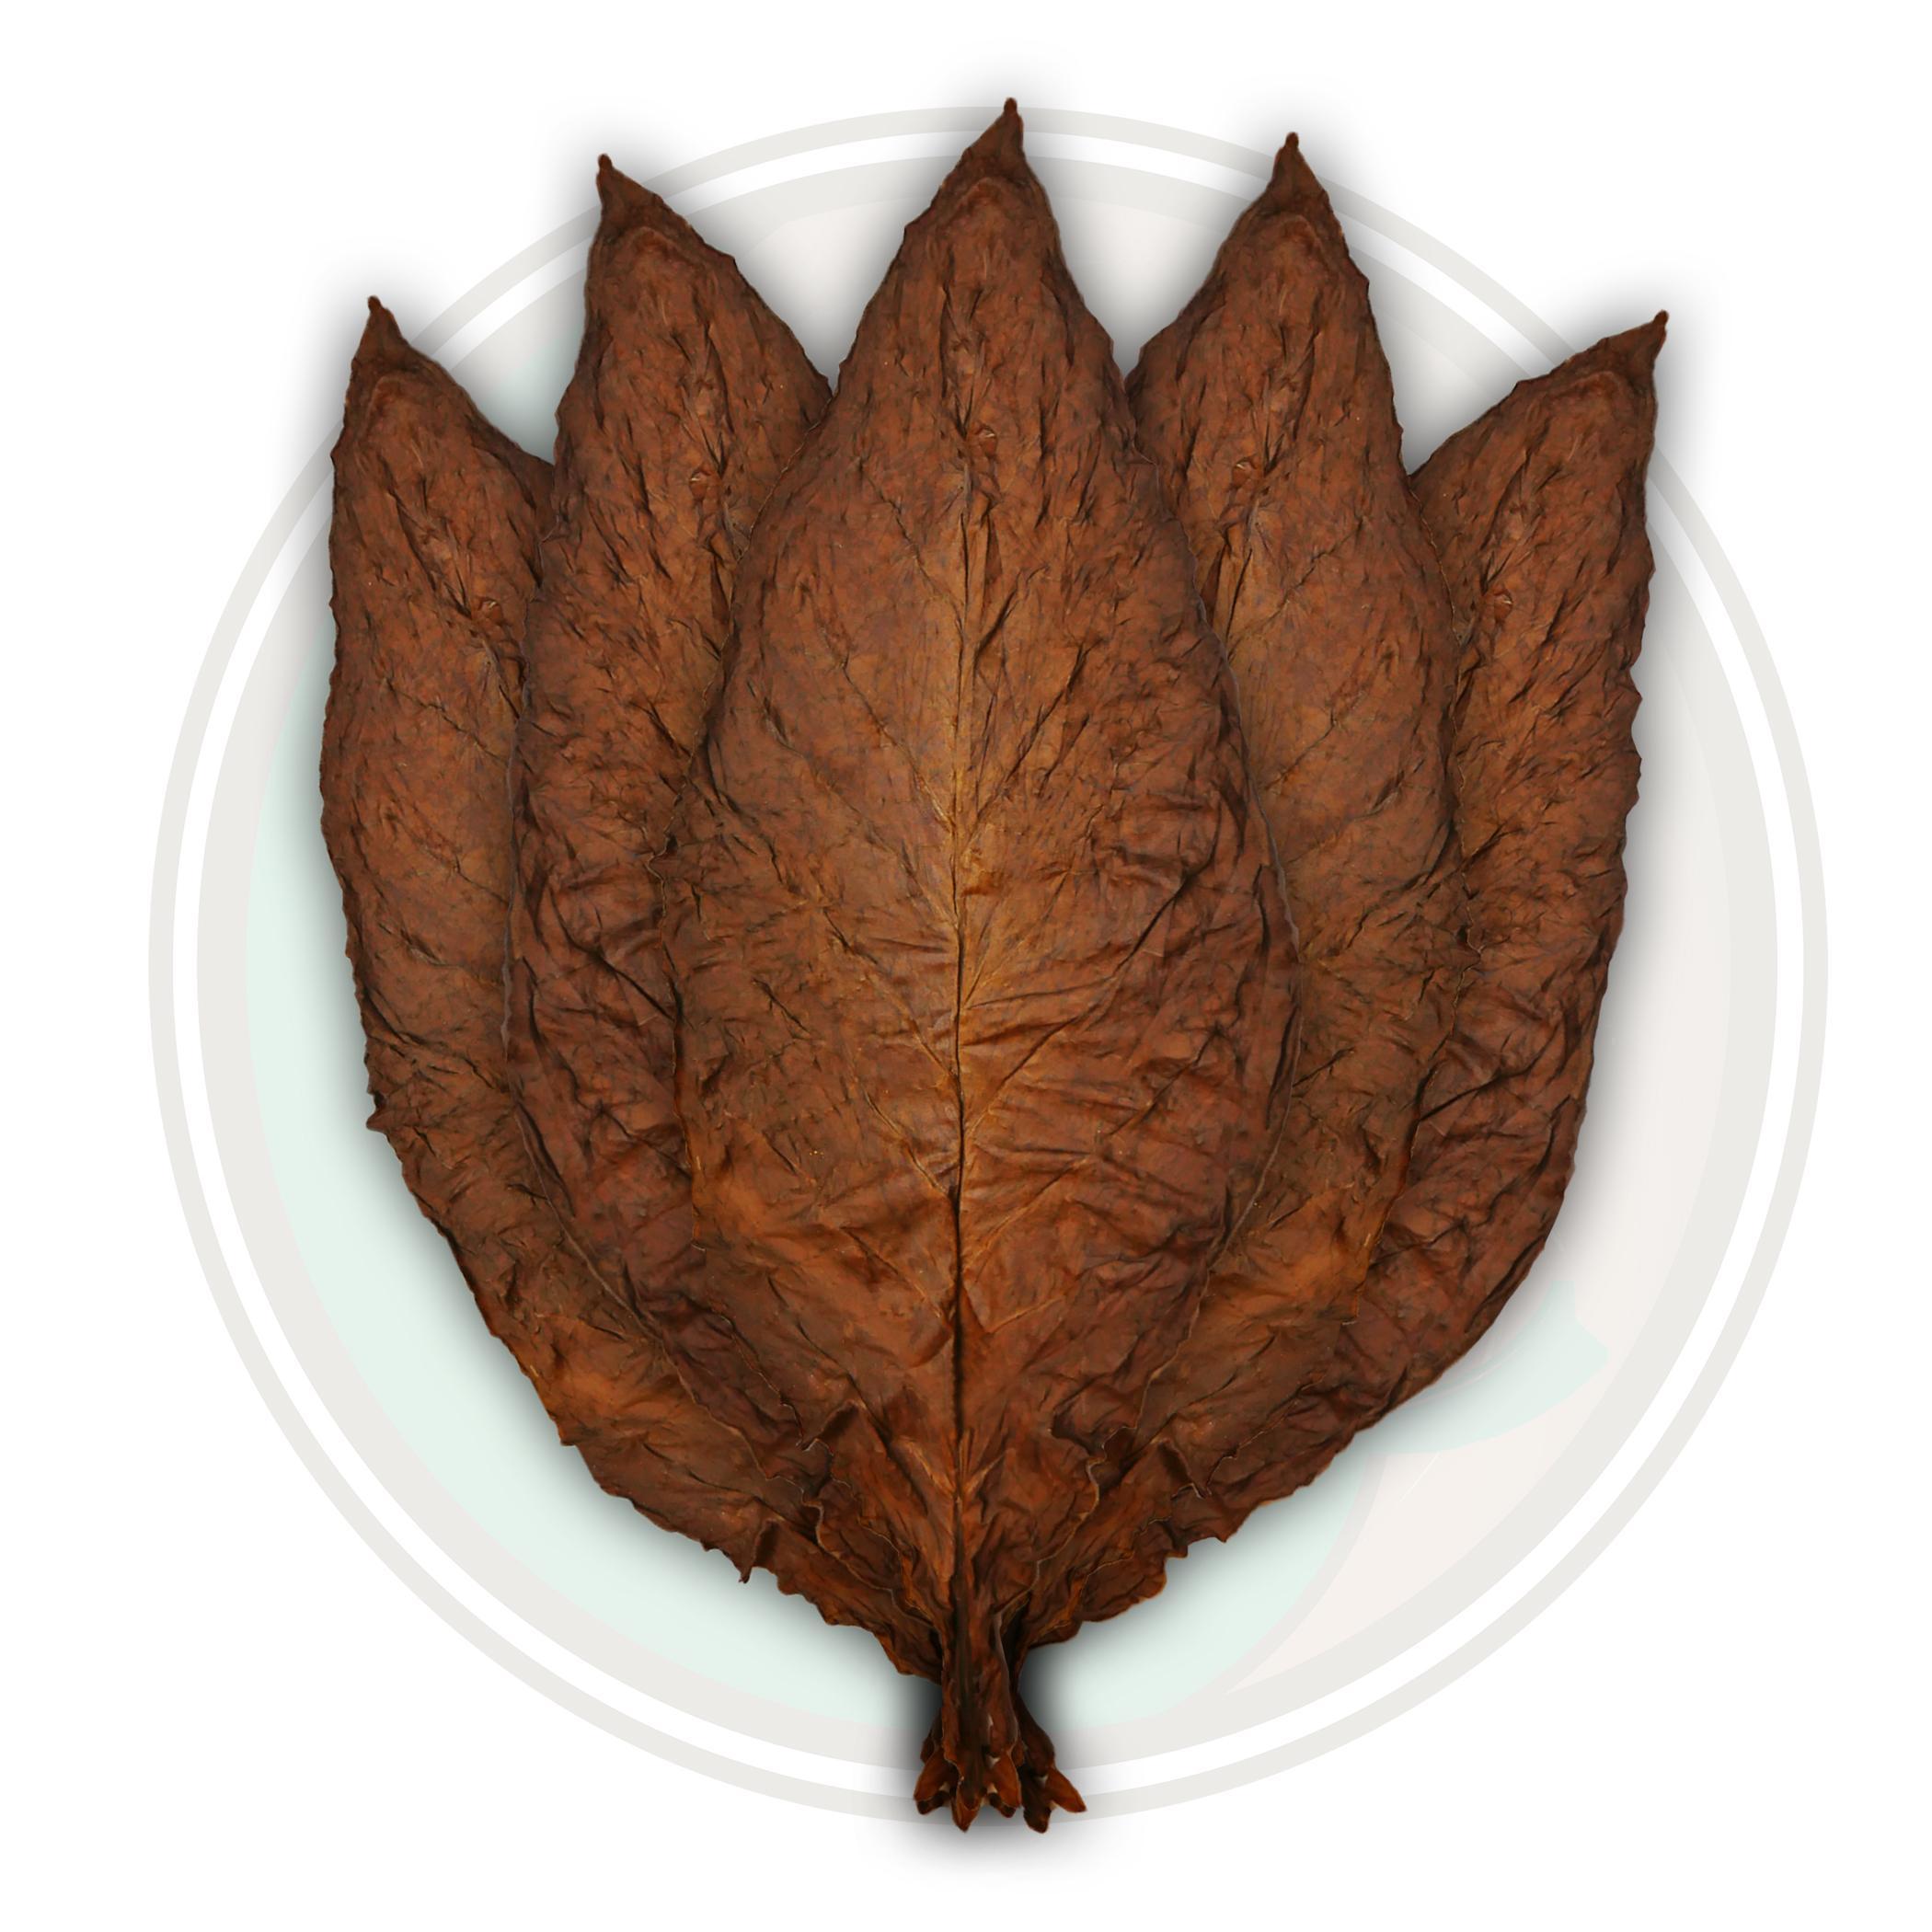 Aged QB-52 Fronto Leaf 2012 Crop Dark NYC Fronto Leaf Wrapper